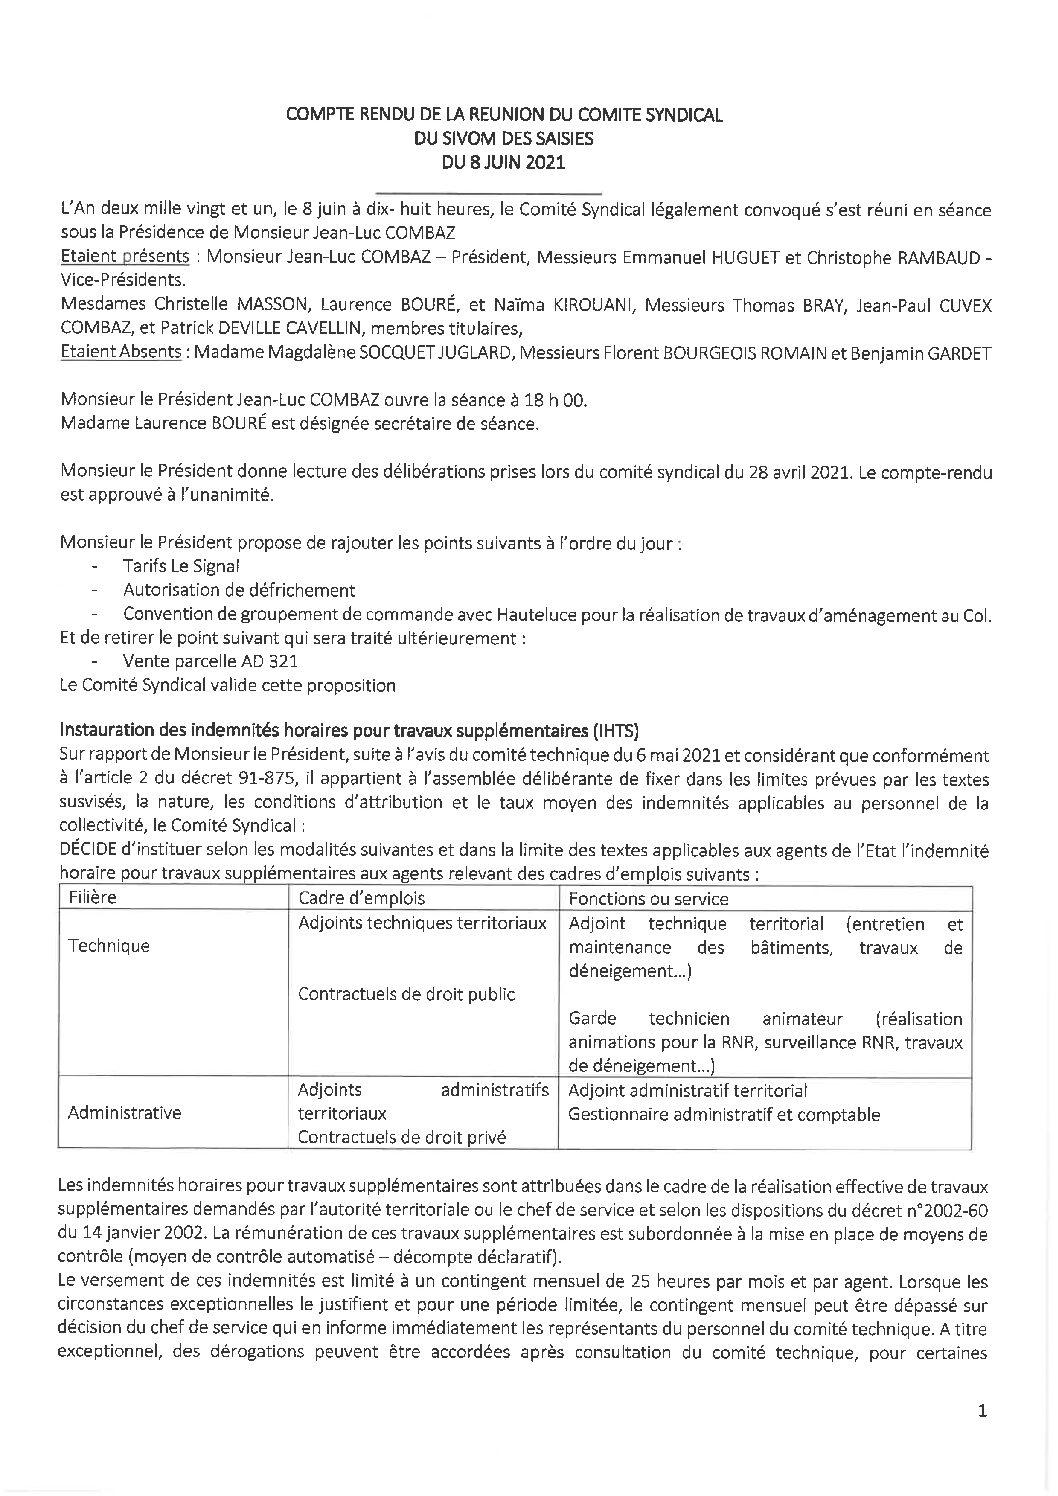 Compte-rendu du Comité Syndical du 8 juin 2021